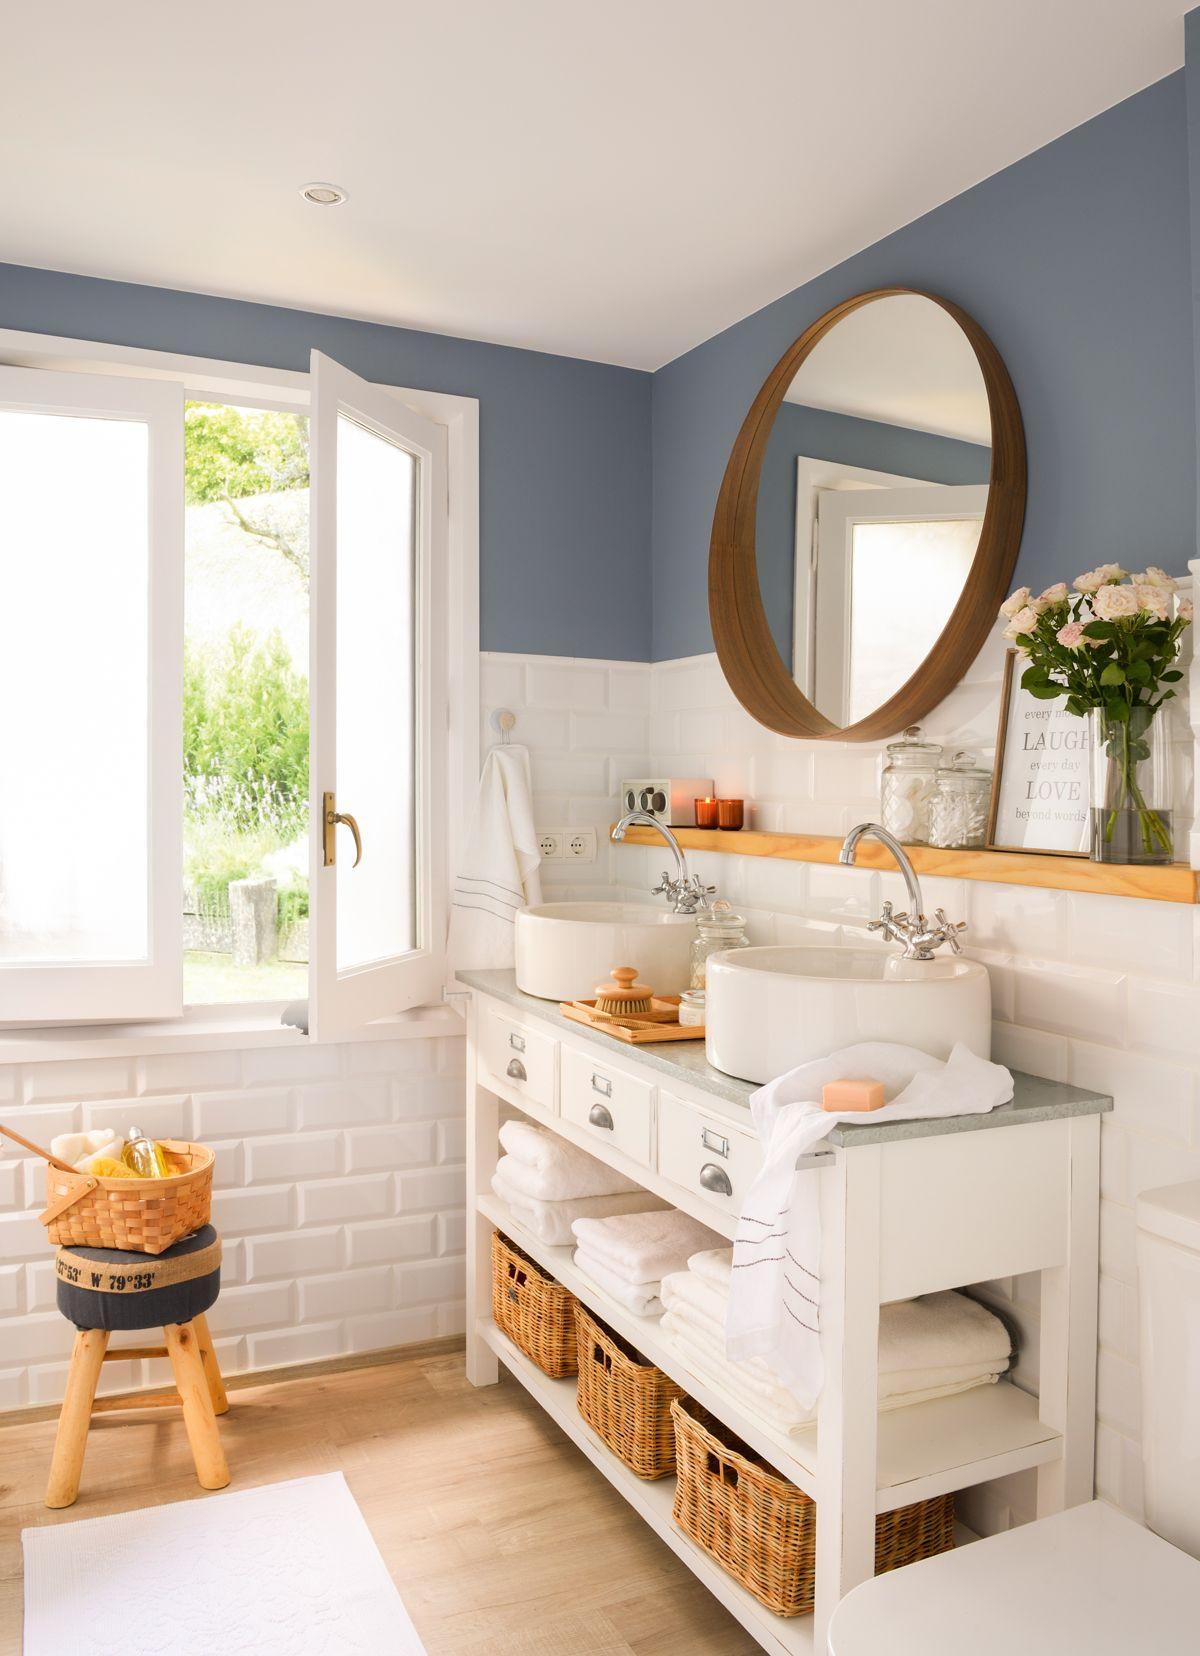 Consigue un bbb ba o bonito y barato pintura azul - Muebles bonitos y baratos ...